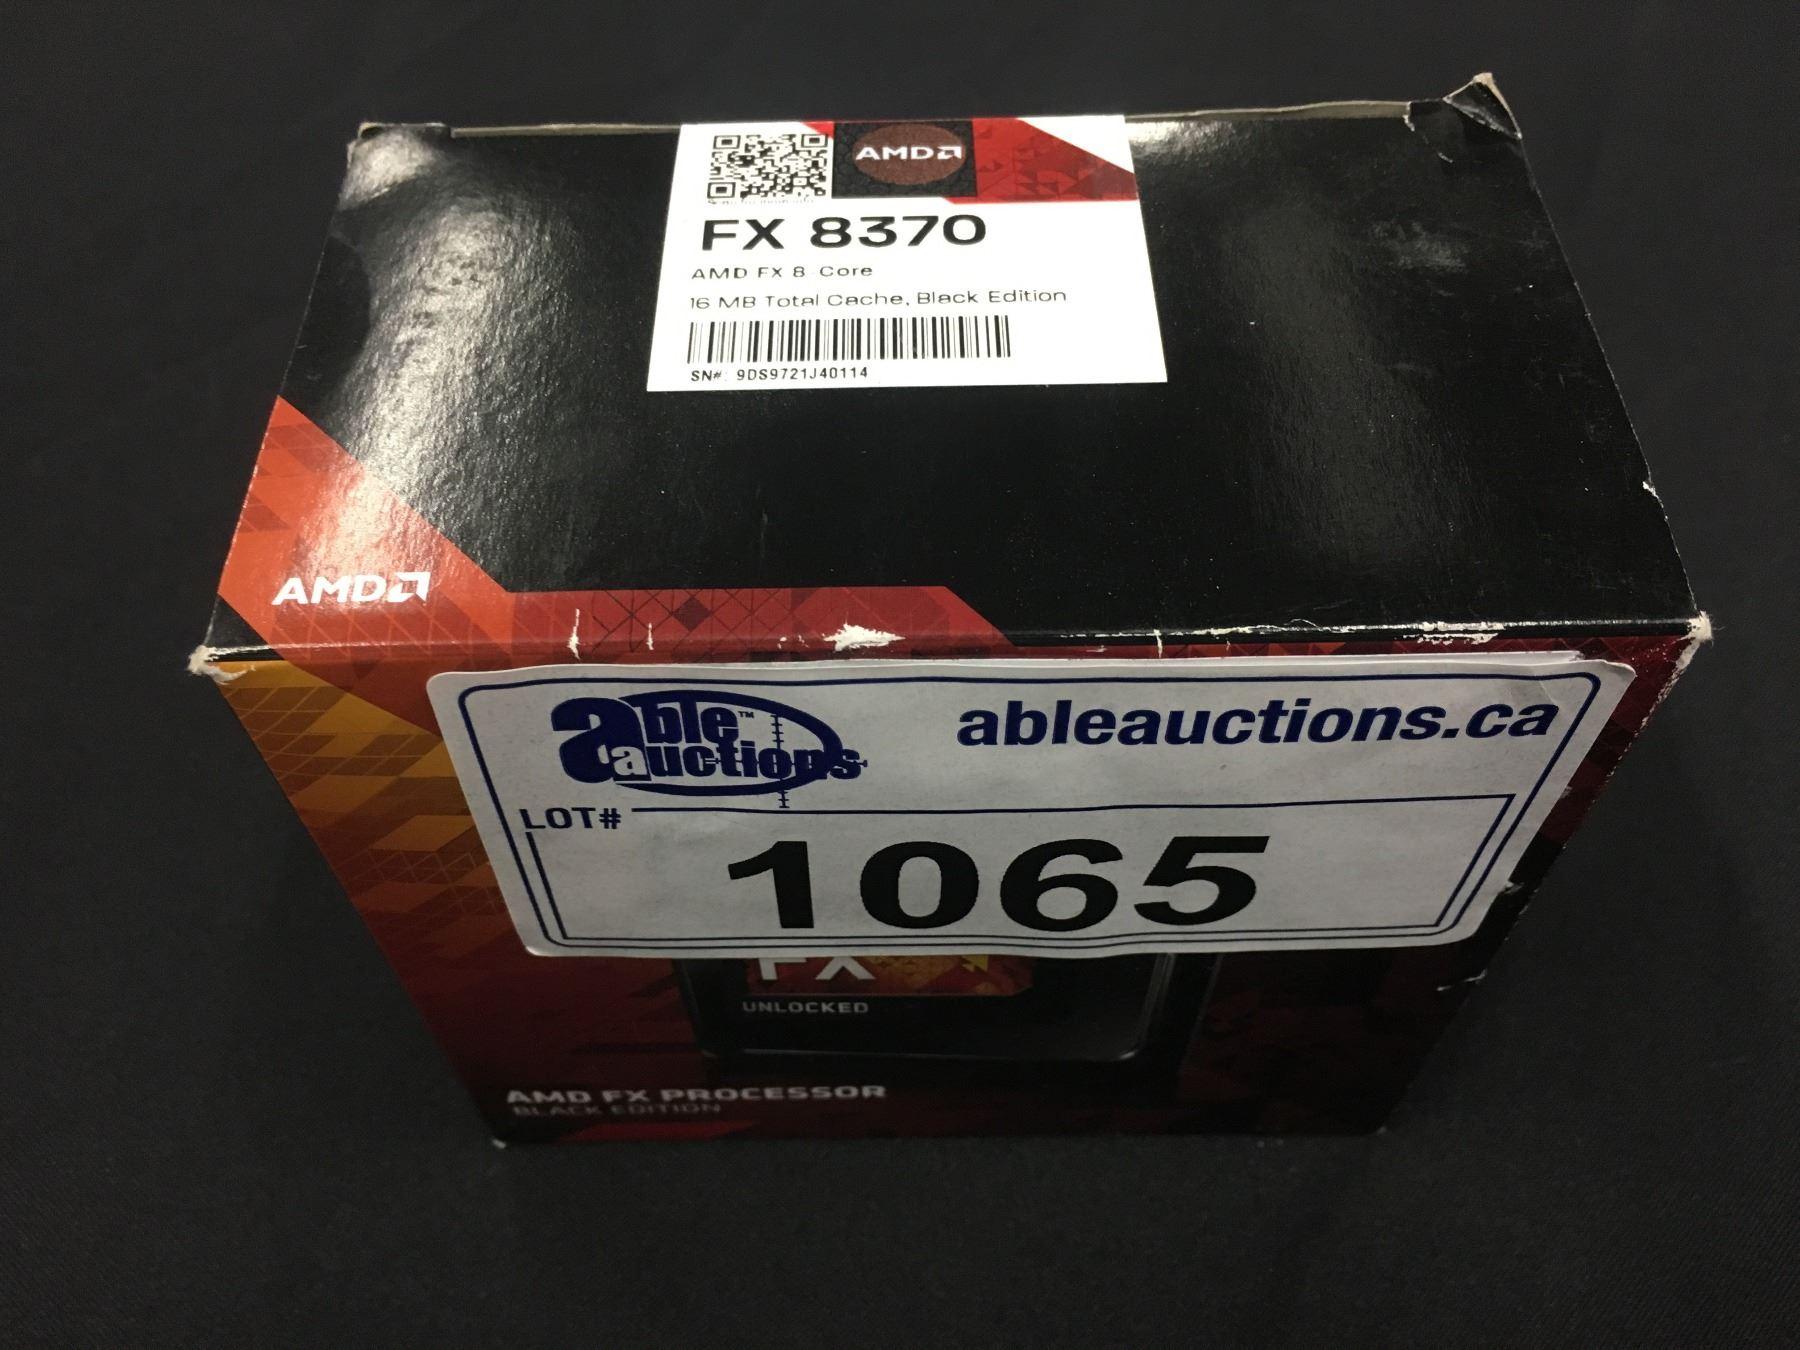 AMD FX 8370 8-CORE PROCESSOR